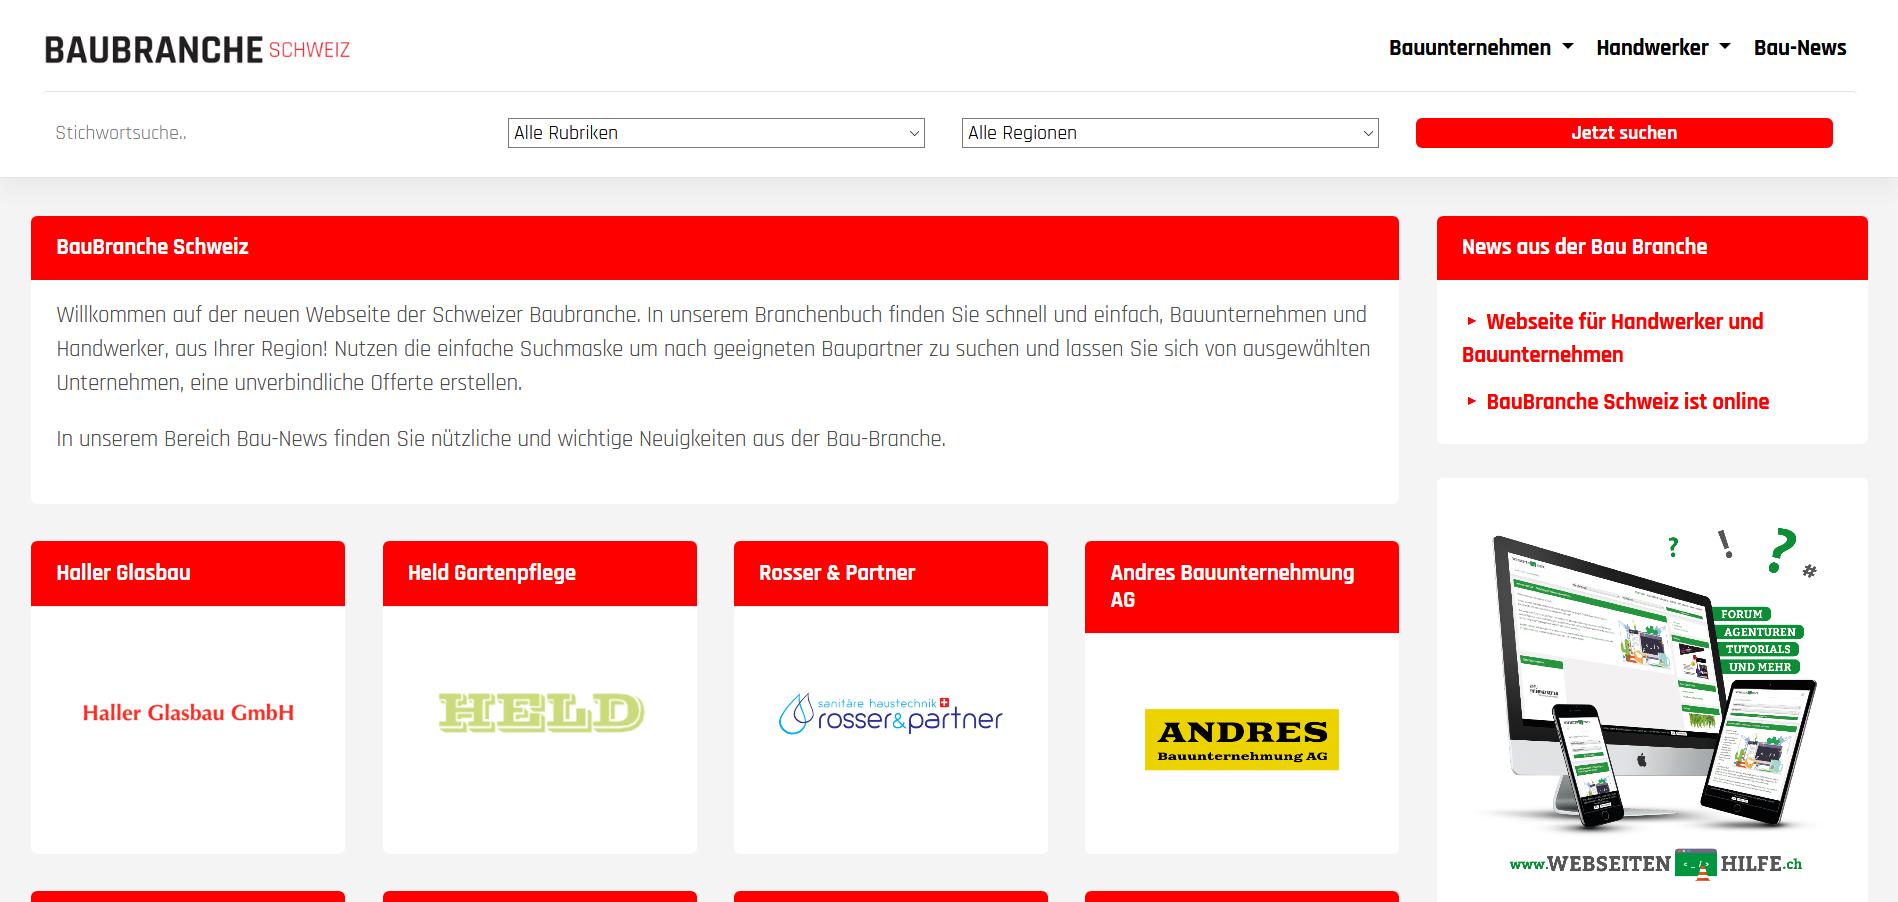 Baubranche-schweiz.ch